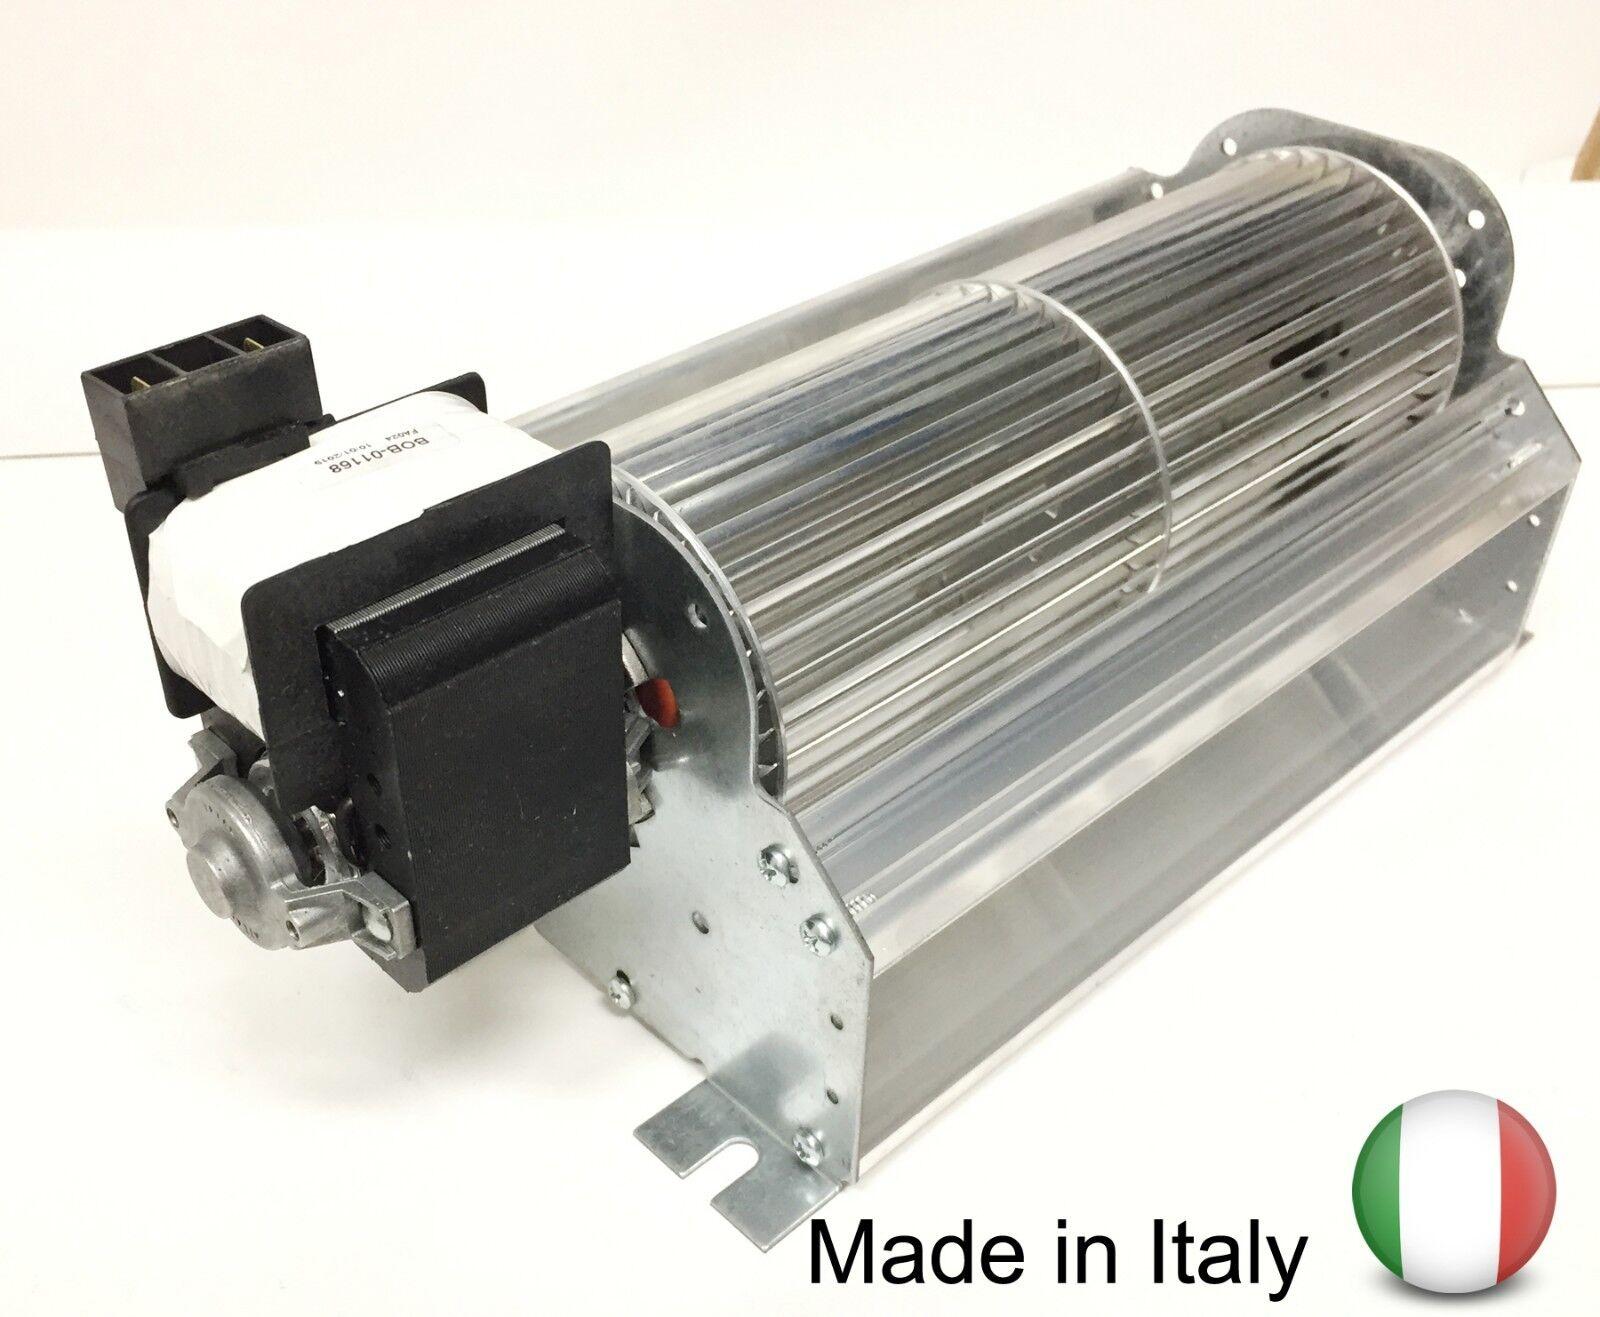 Ventilatore Tangenziale per stufa a pellet AMBIENTE E CALORE Trial 58 W